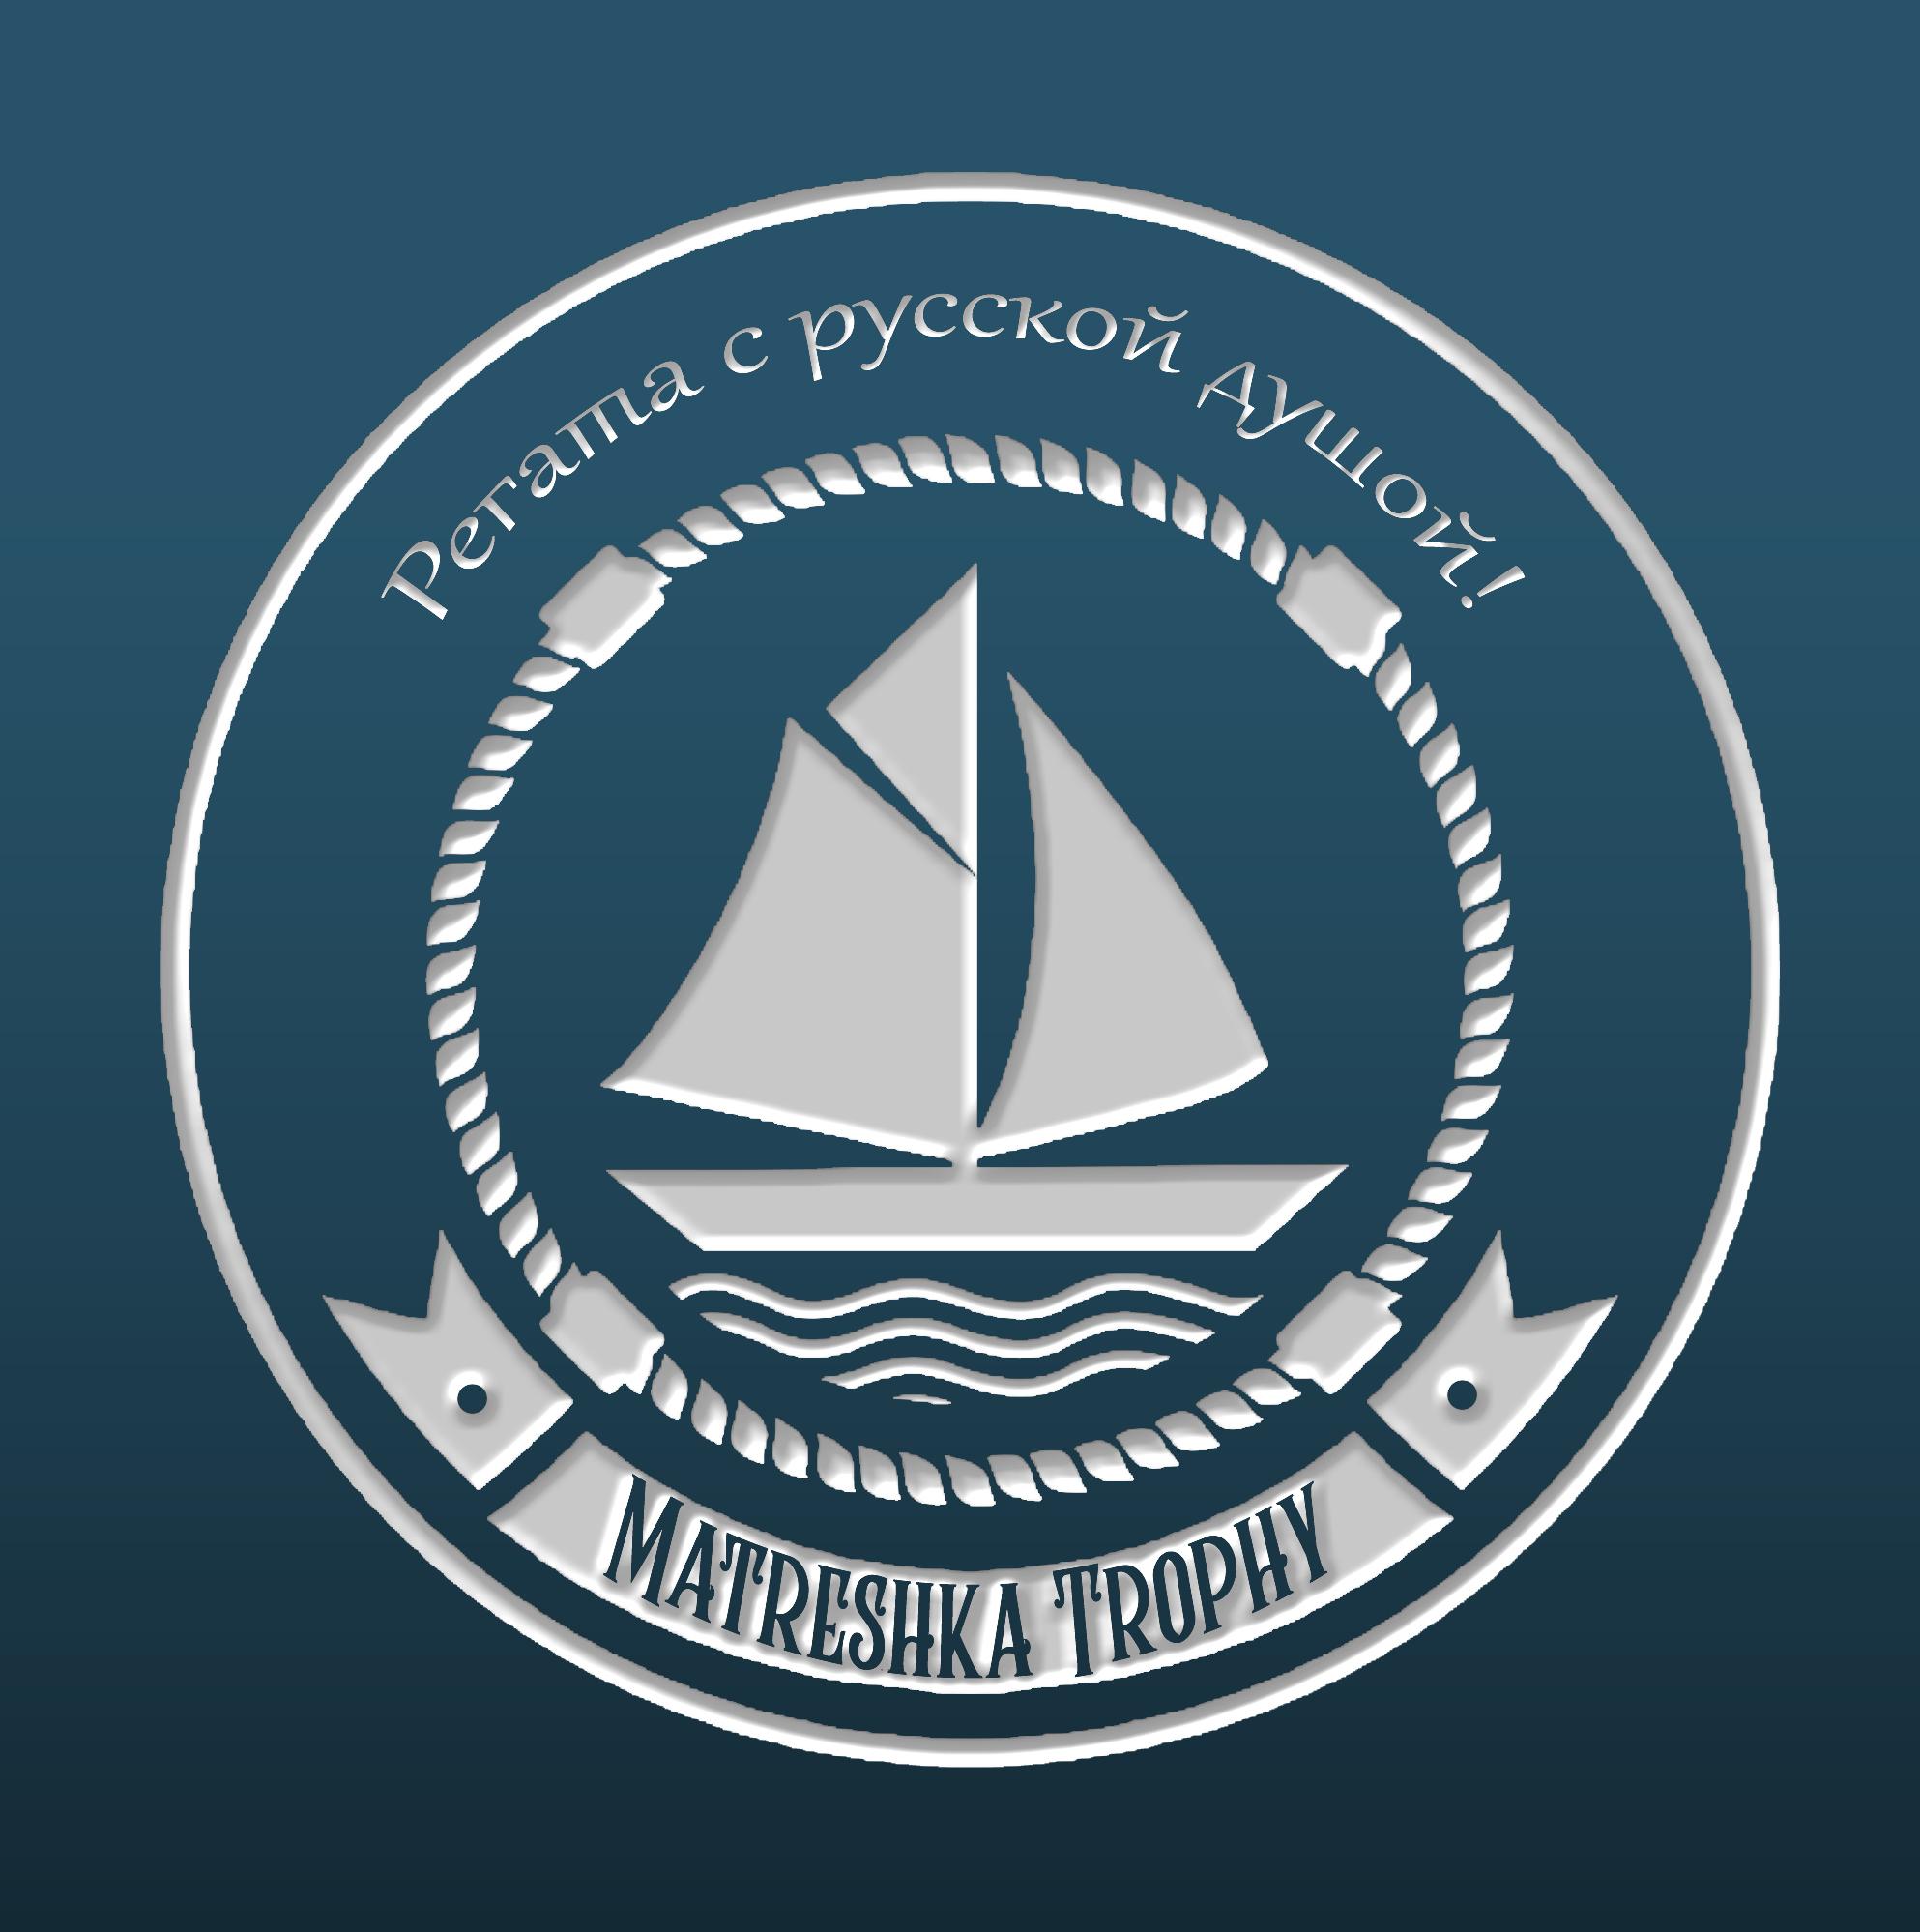 Логотип парусной регаты фото f_2275a3ae97fd6eef.jpg